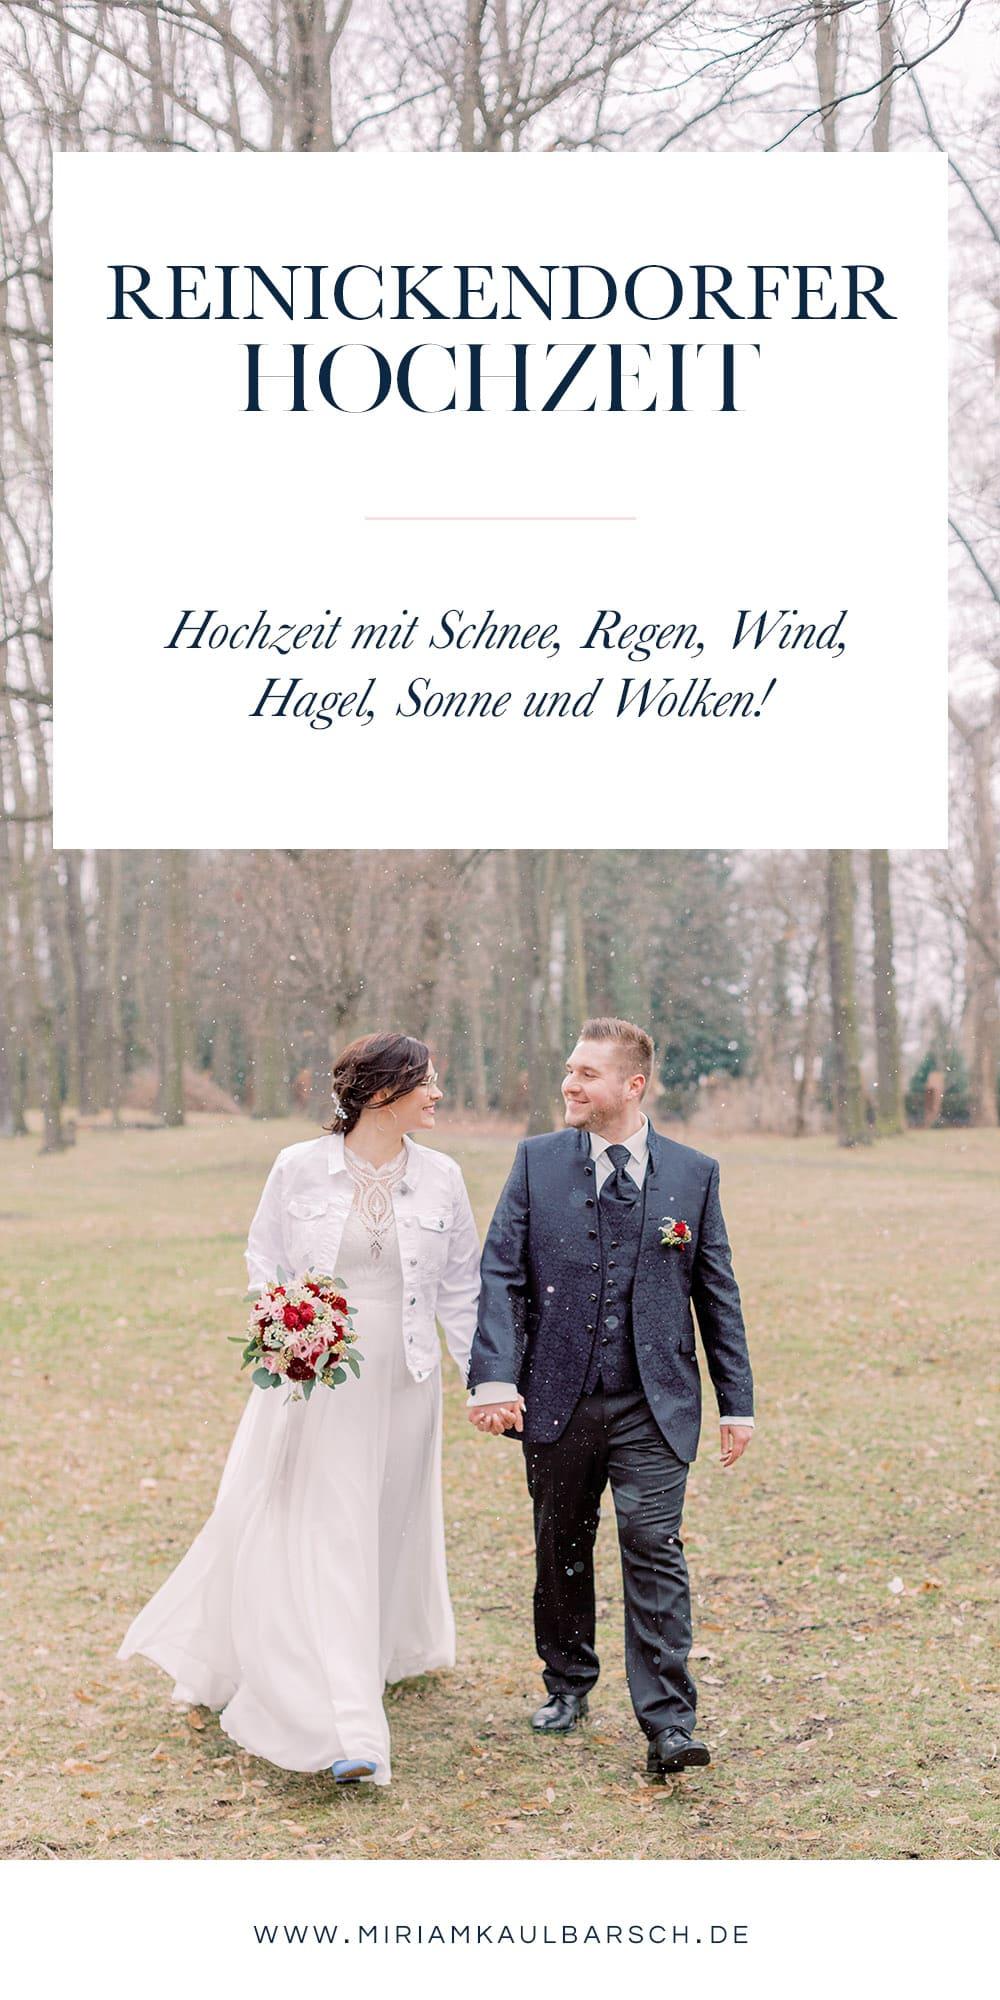 Standesamtliche Hochzeit in Berlin Reinickendorf - Miriam Kaulbarsch Fotografie